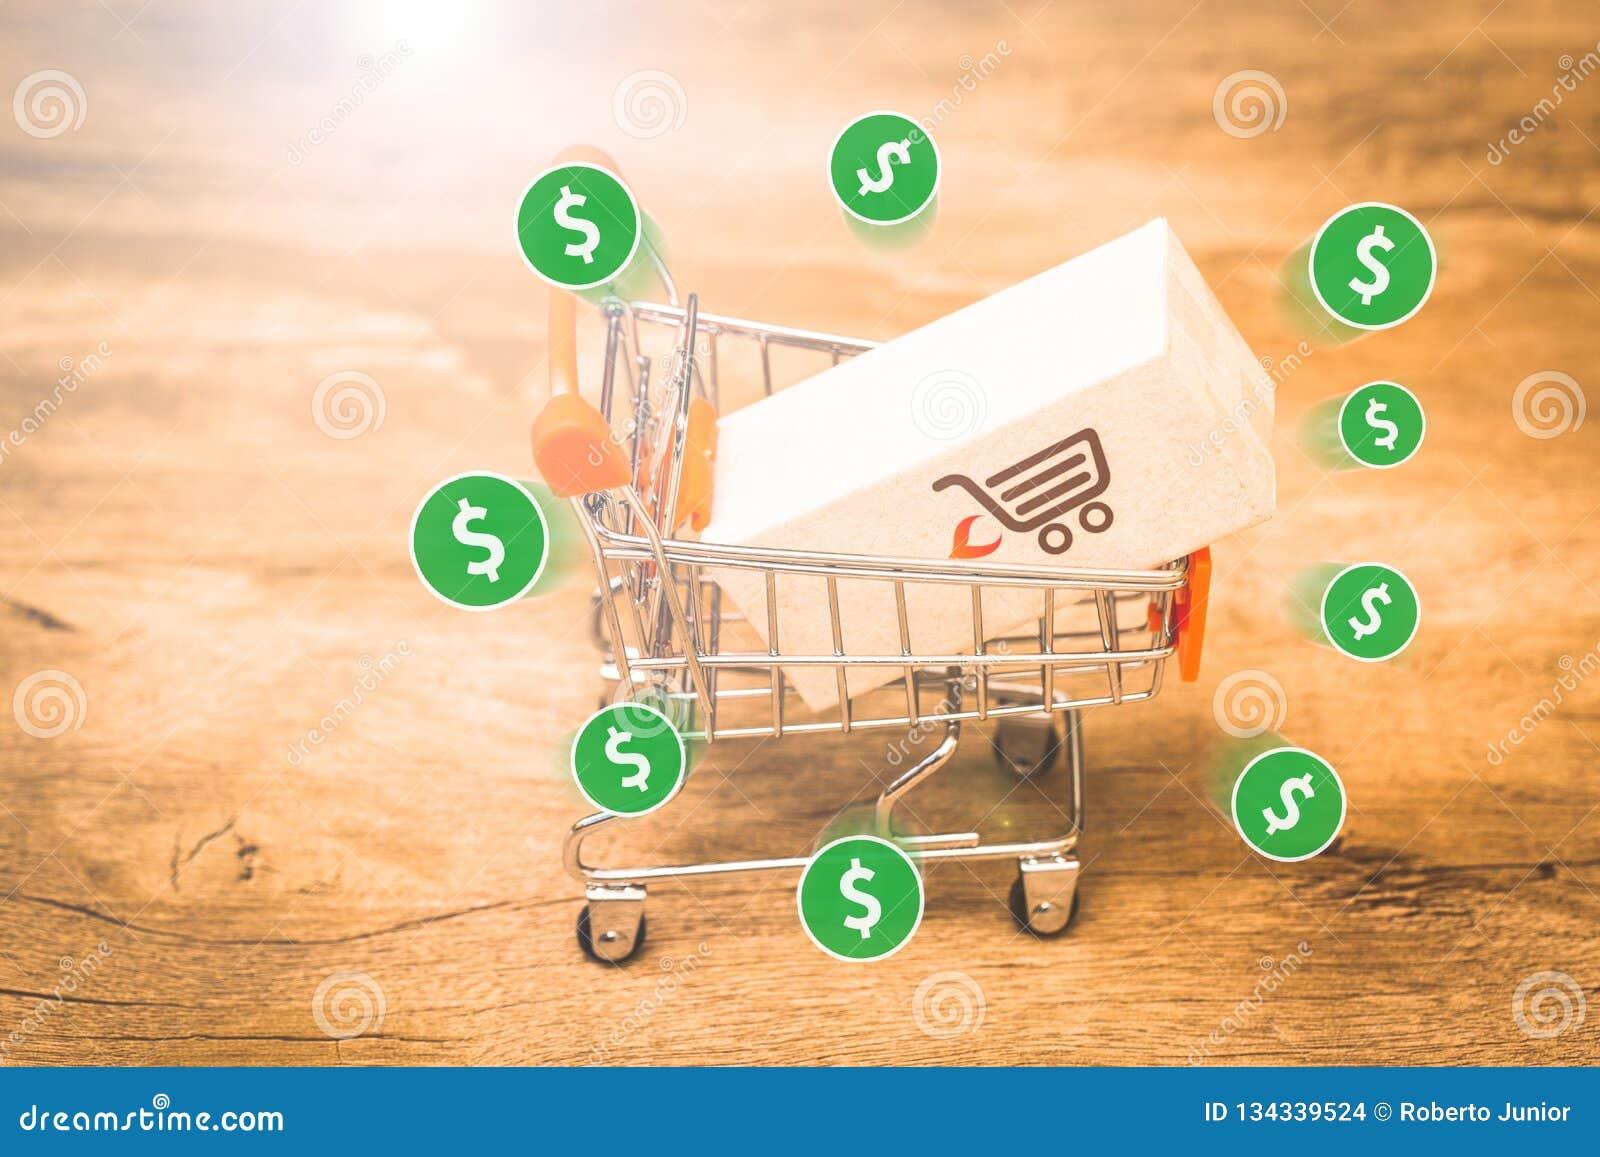 Коммерция e, покупает и продает онлайн, виртуальную корзину